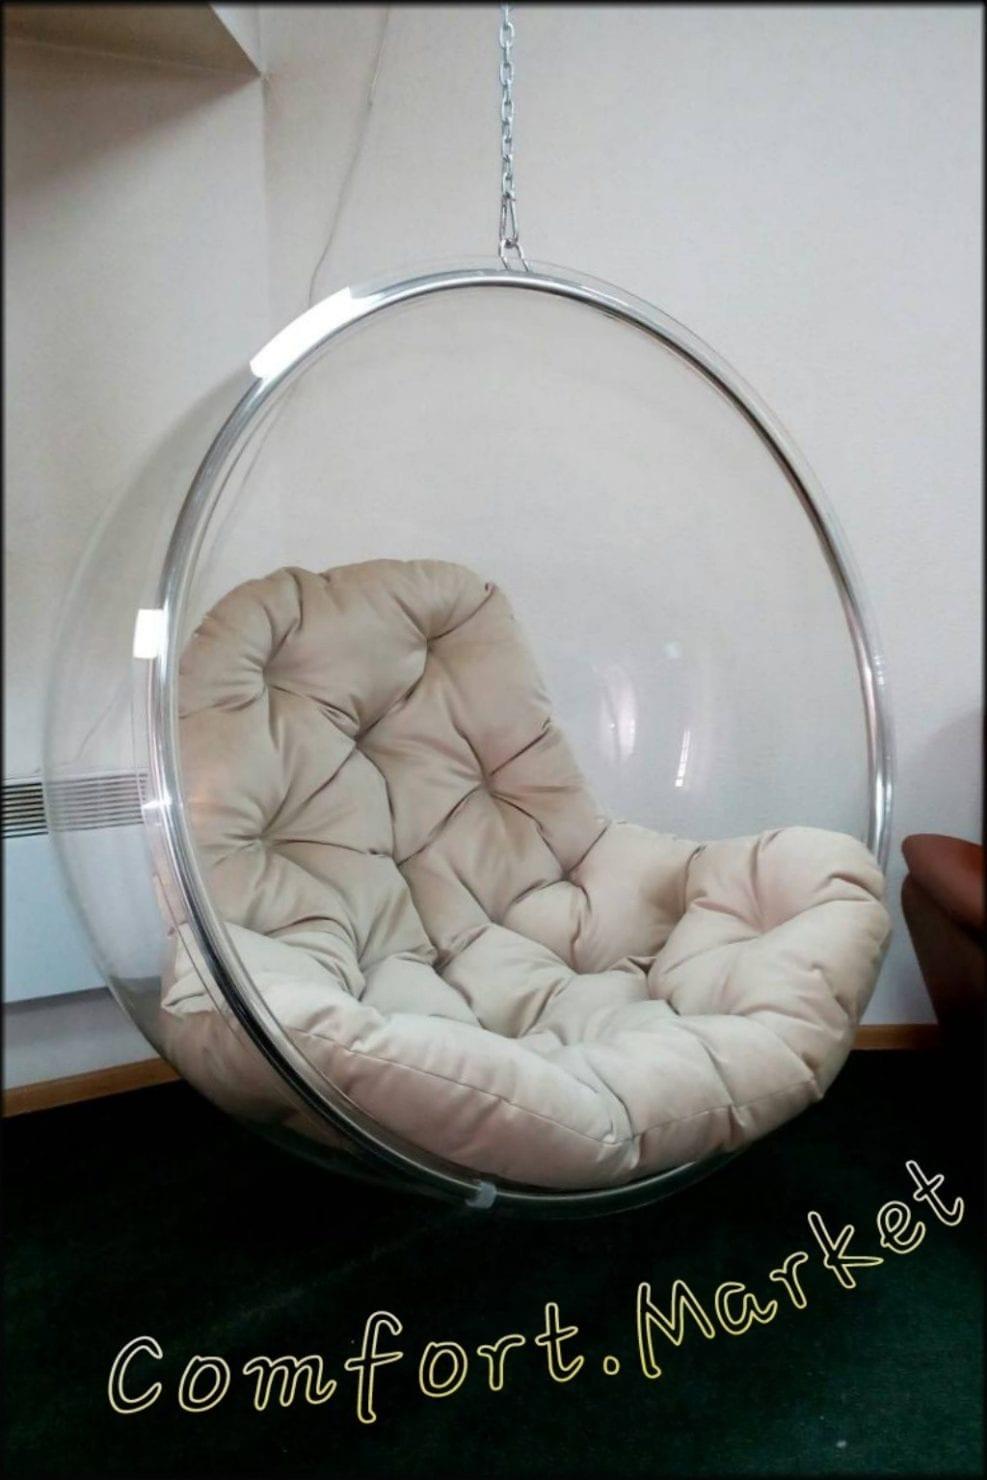 Дизайнерское прозрачное подвесное кресло Bubble chair с мягкой подушкой